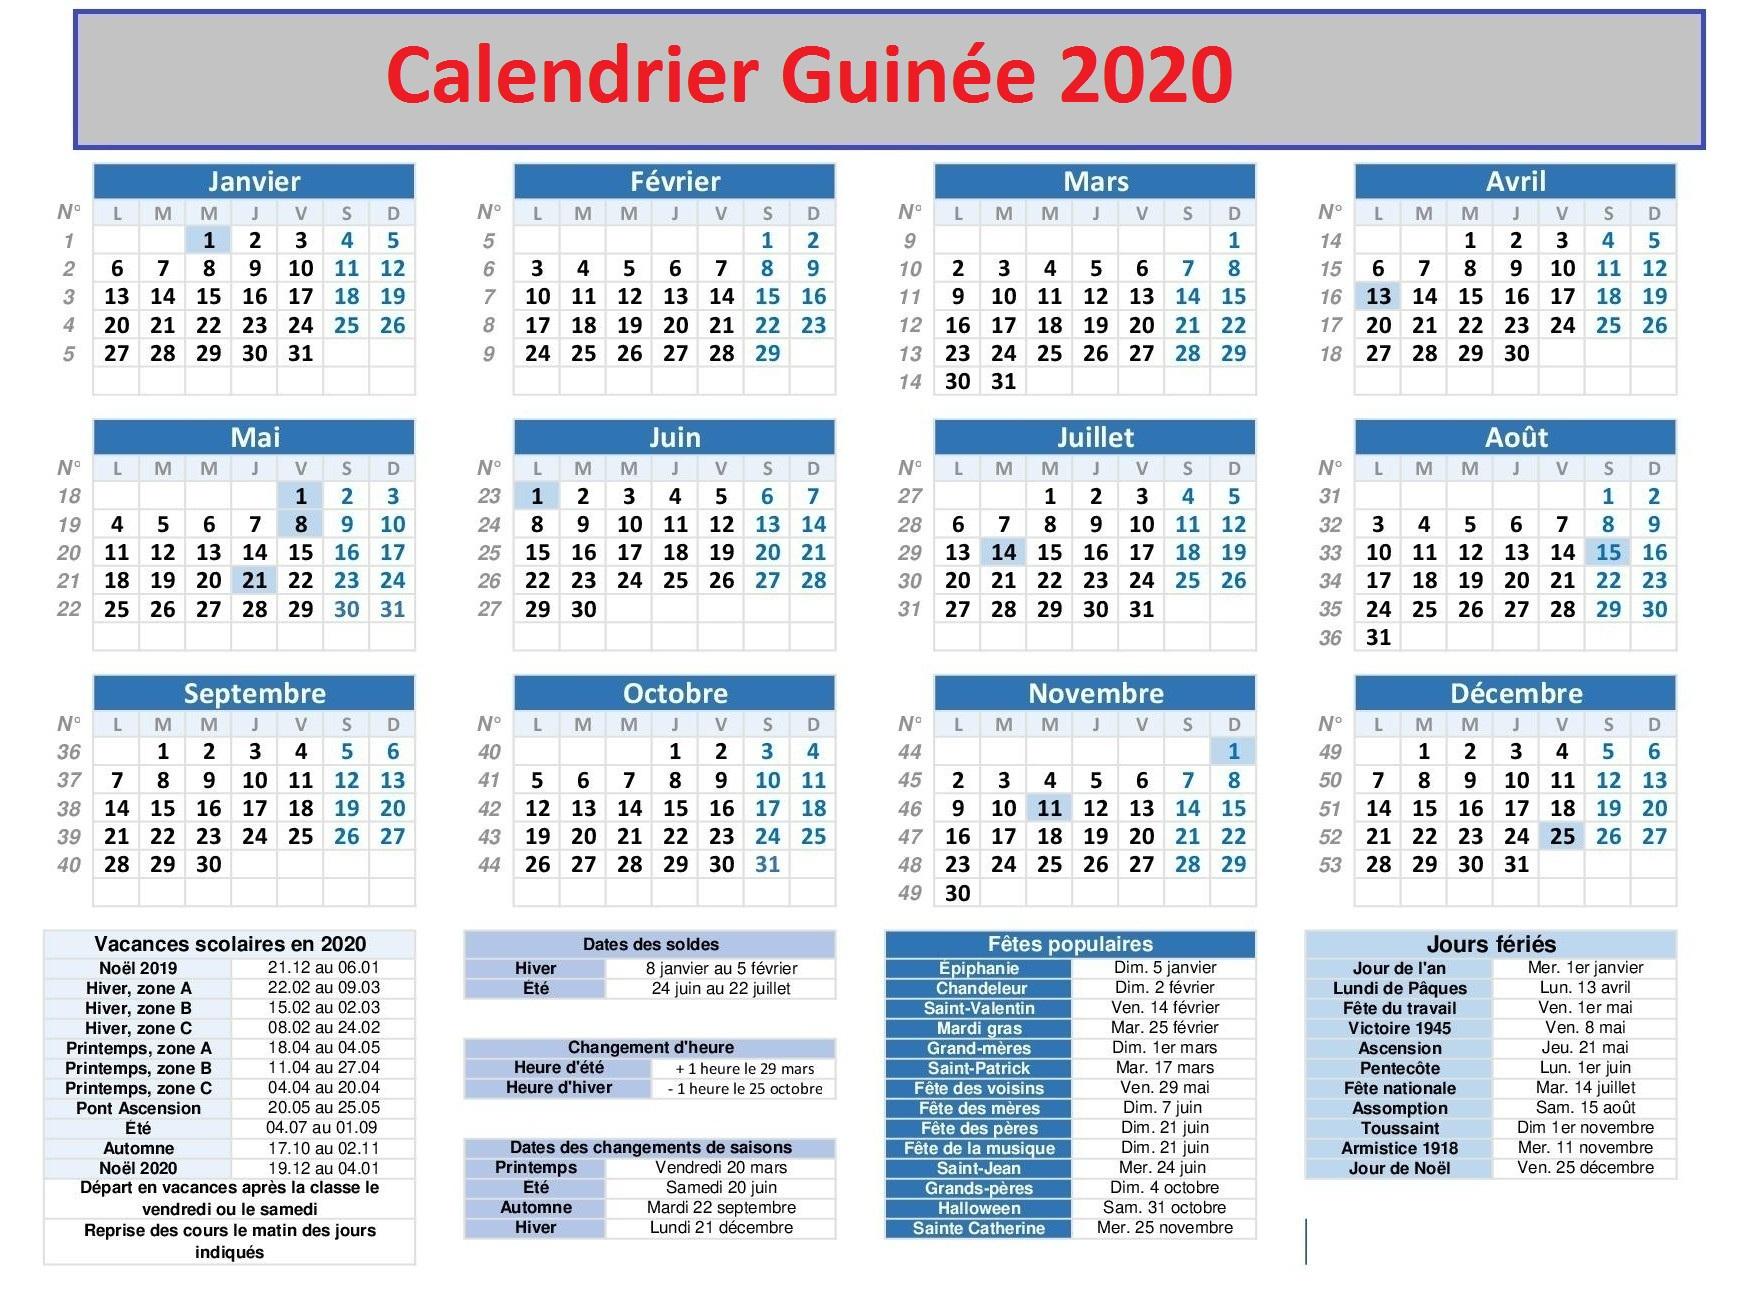 Calendrier Guinée Des Examens NationAux 2020